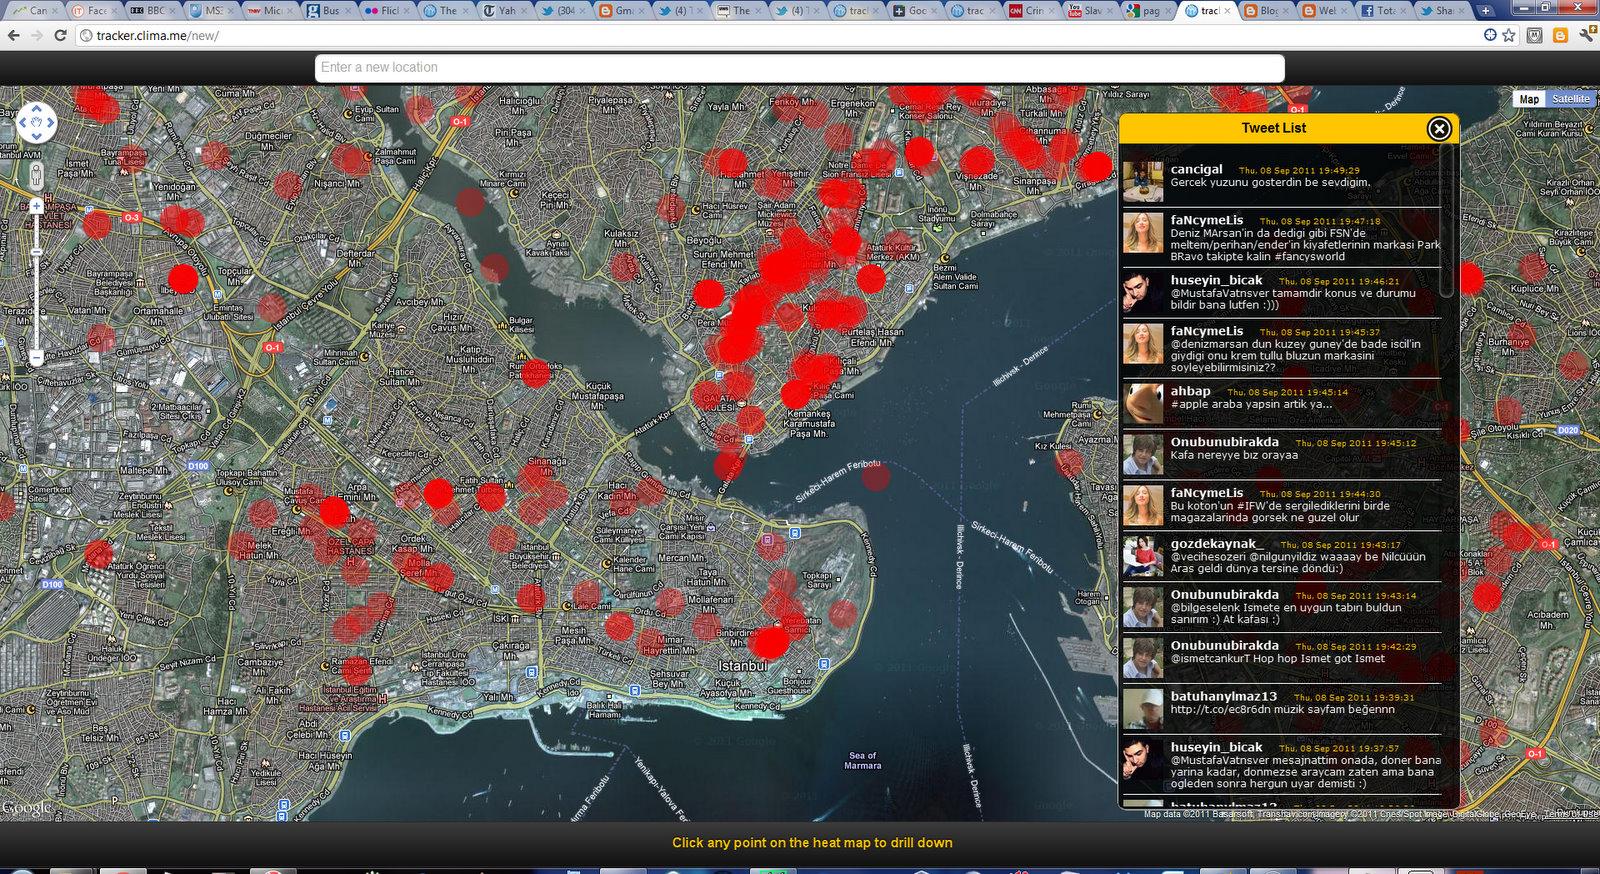 http://2.bp.blogspot.com/-ToLNgLy5SEE/TmkdRvAkPrI/AAAAAAAAps8/1oJcPd6YA0k/s1600/tracker.clima.menew%2B-%2BGoogle%2BChrome%2B08092011%2B204949.jpg